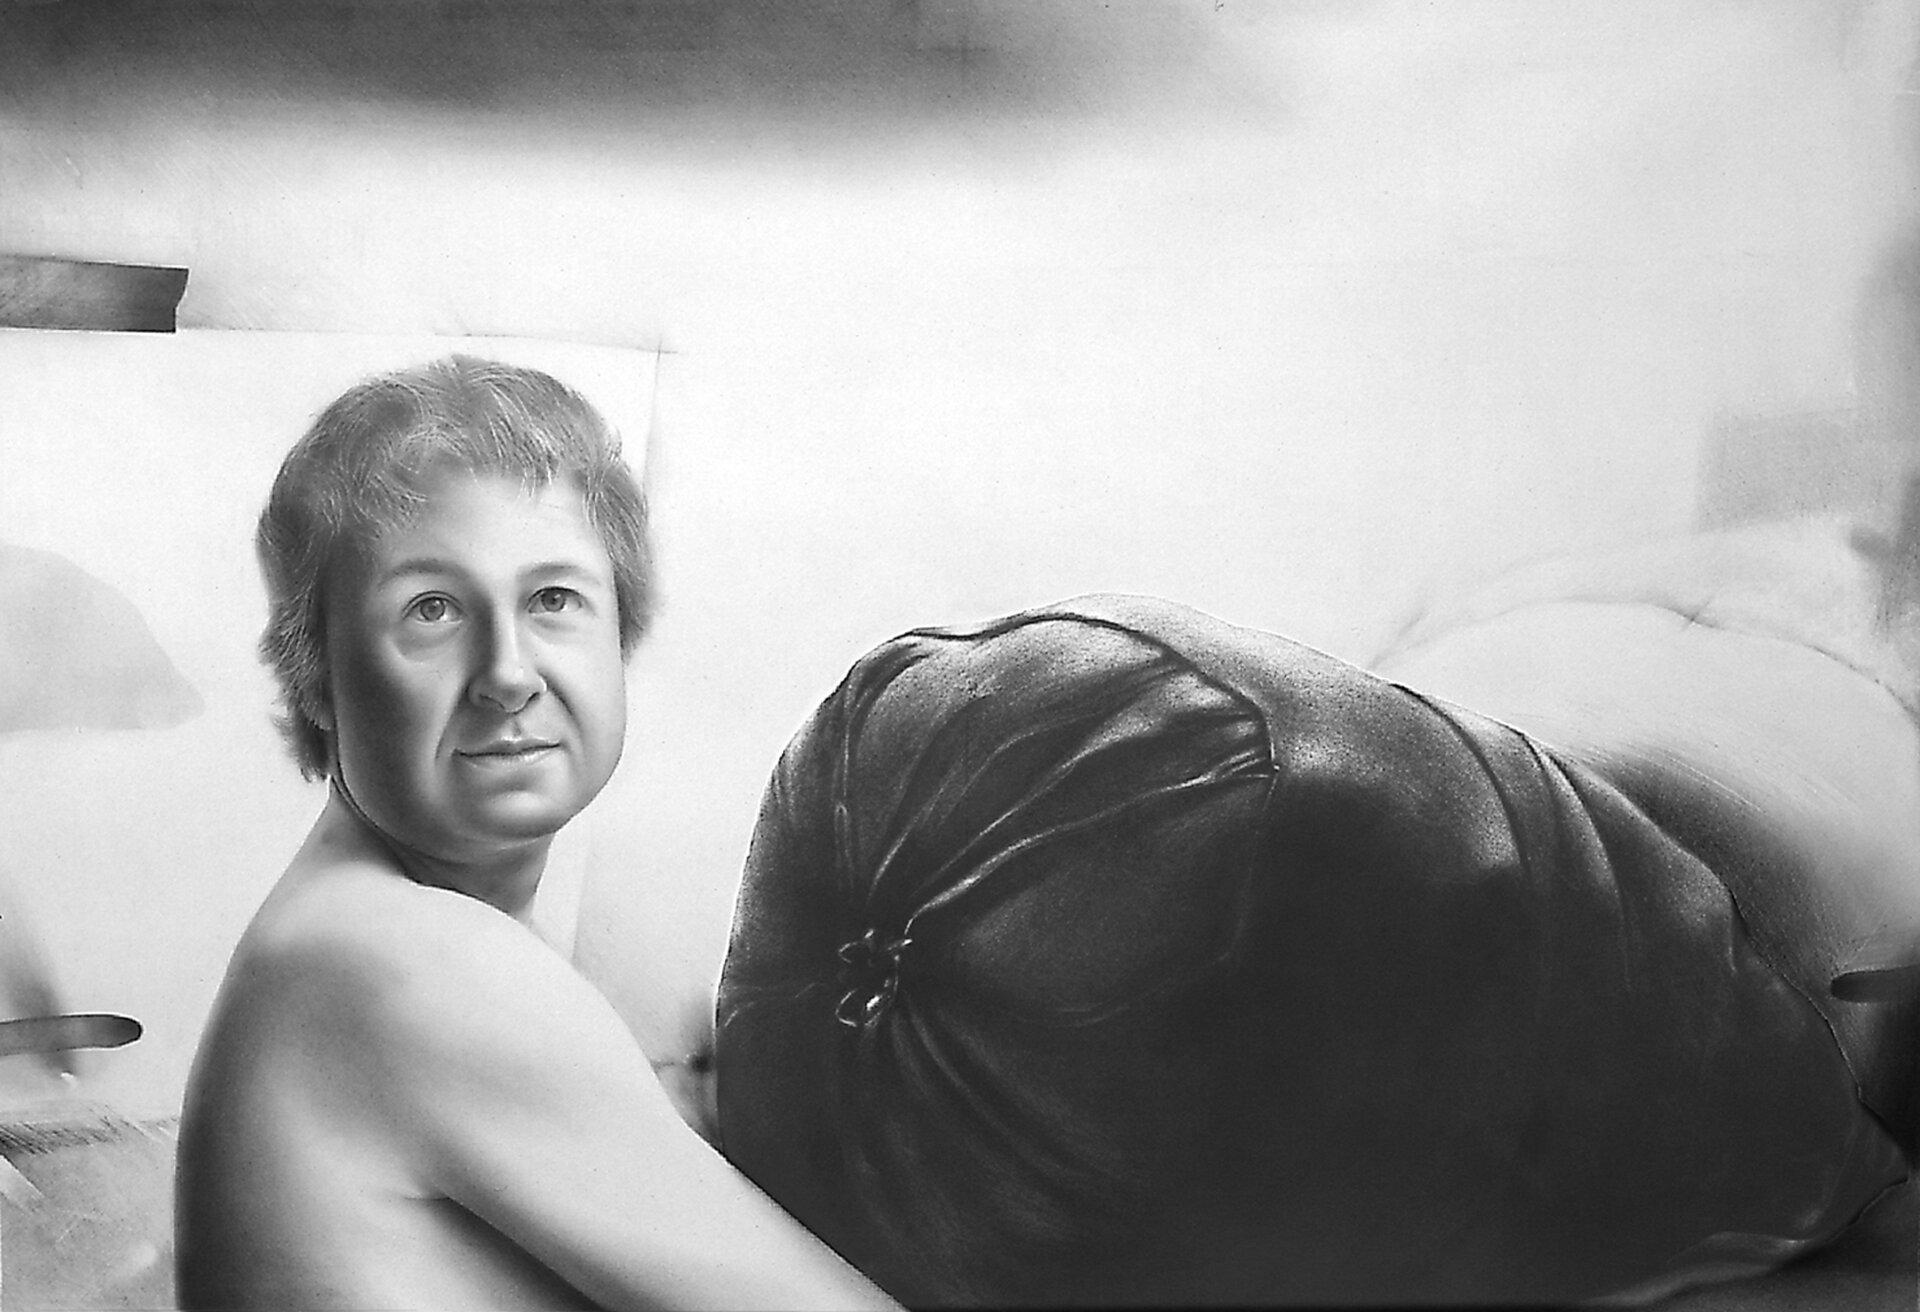 """Ilustracja przedstawiająca szkic Jędrzeja Gołasia do rysunku pt. """"Portret zbagażem"""". Ilustracja przedstawia człowieka dźwigającego bagaż."""